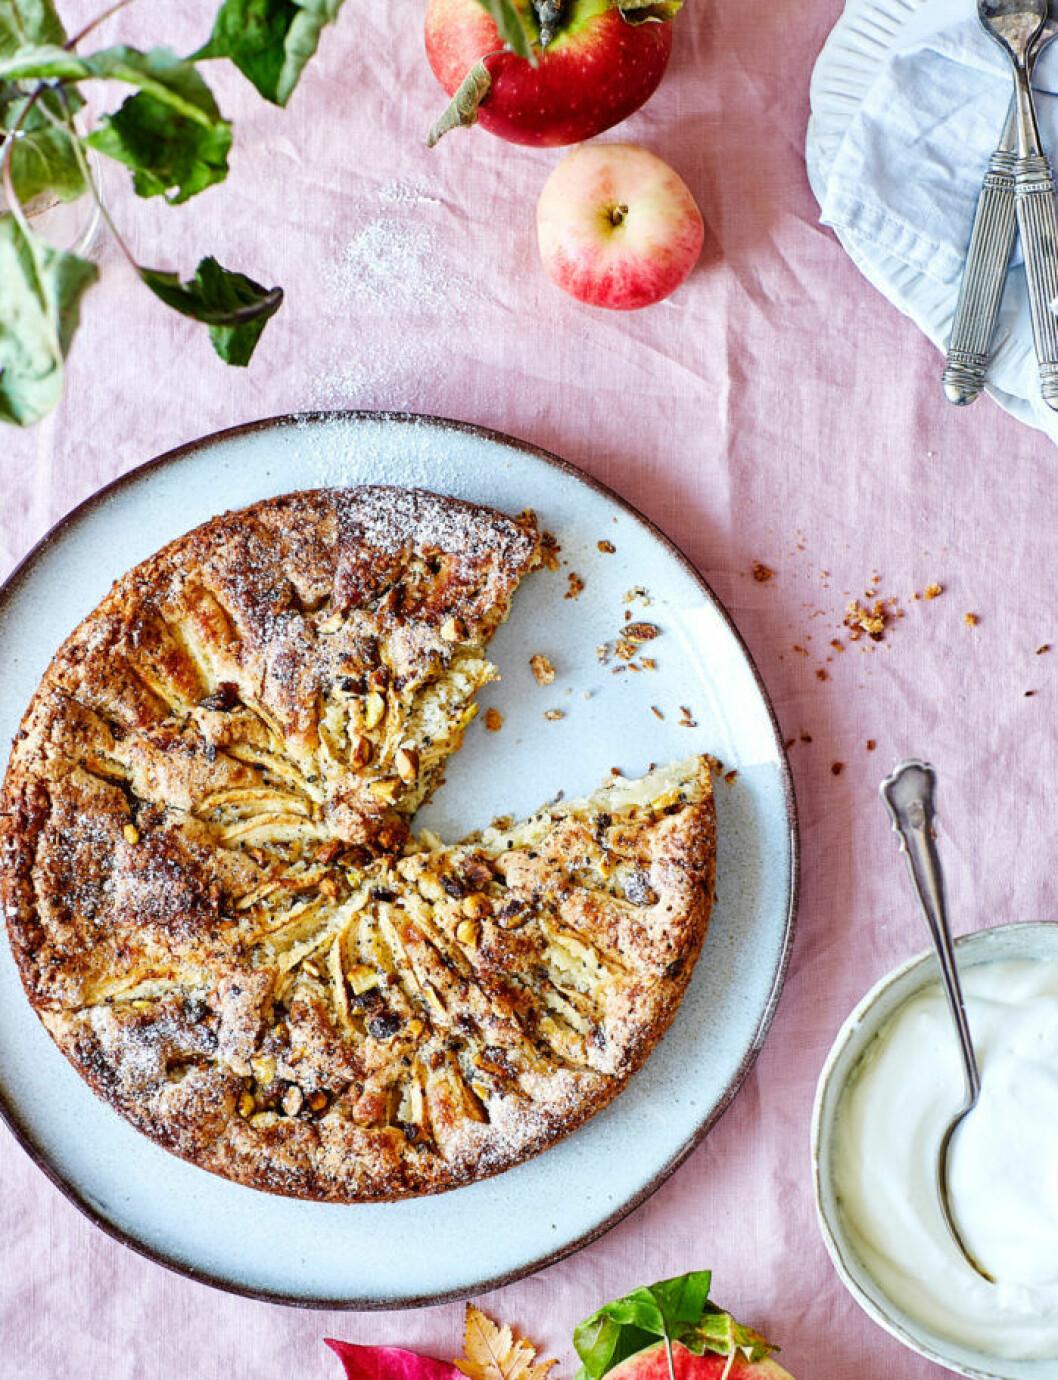 Recept på äppelkaka med kardemumma och mandel